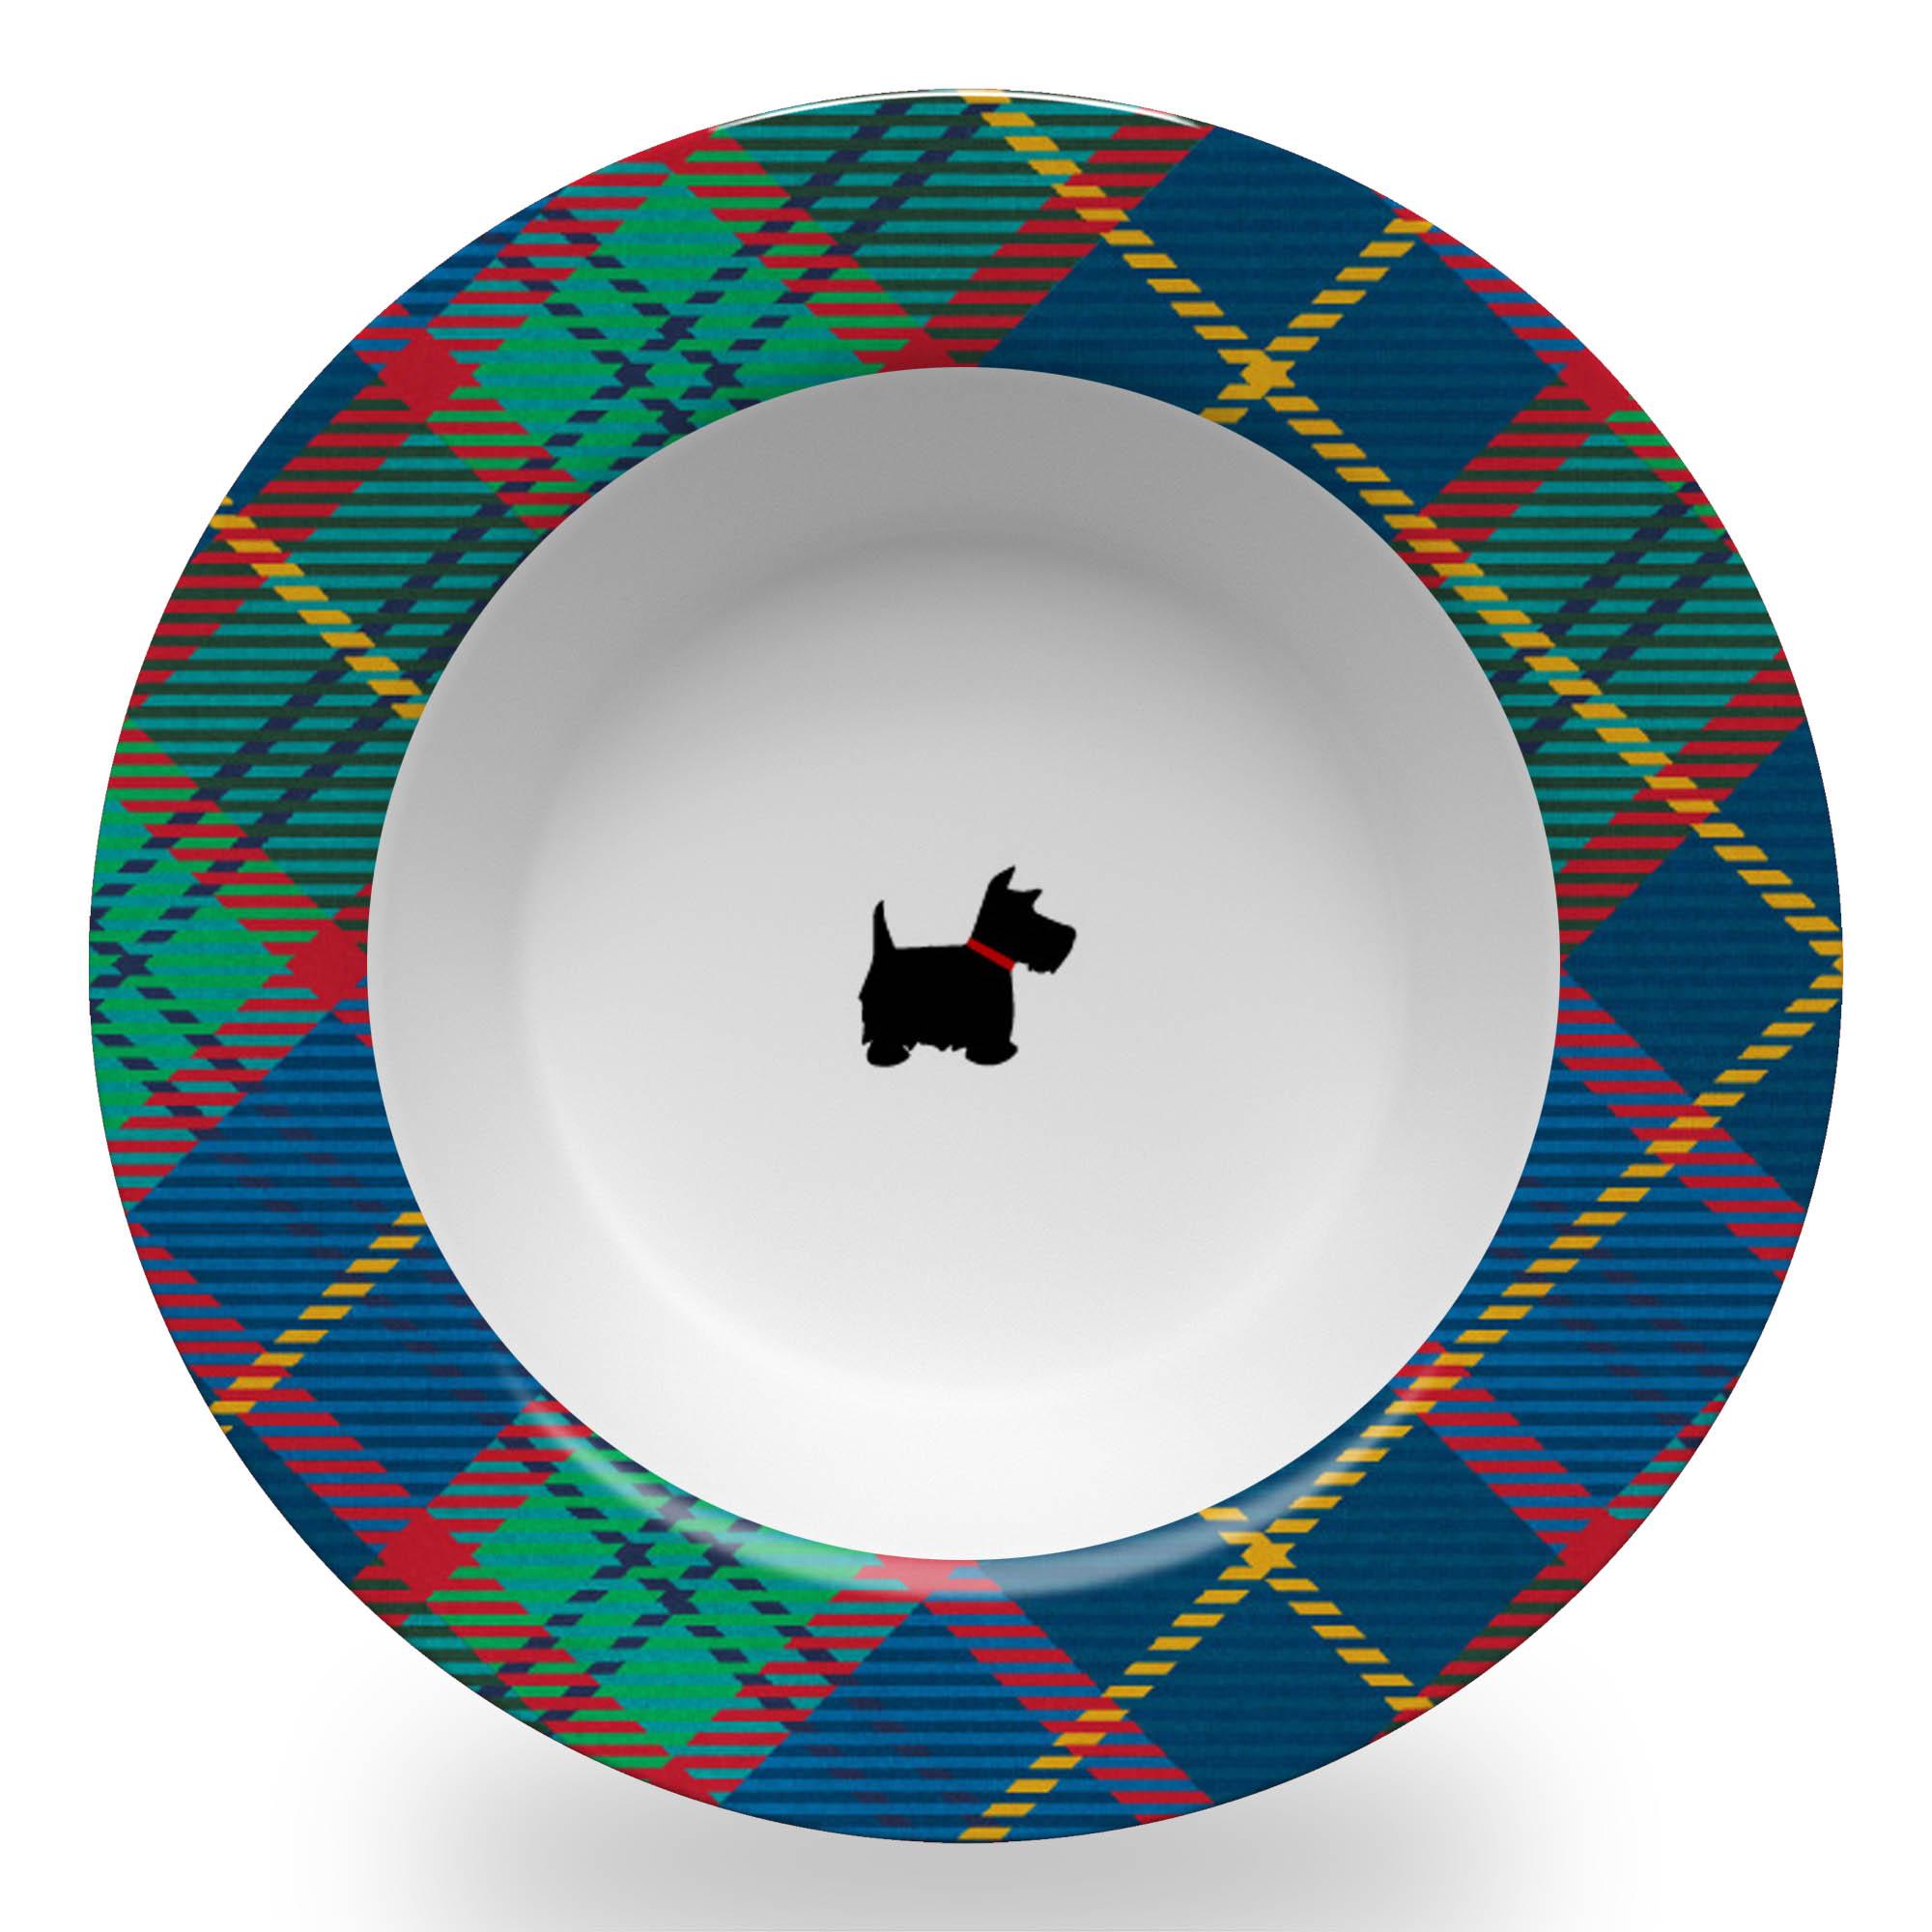 Tartan Bowl with Scottie Dog